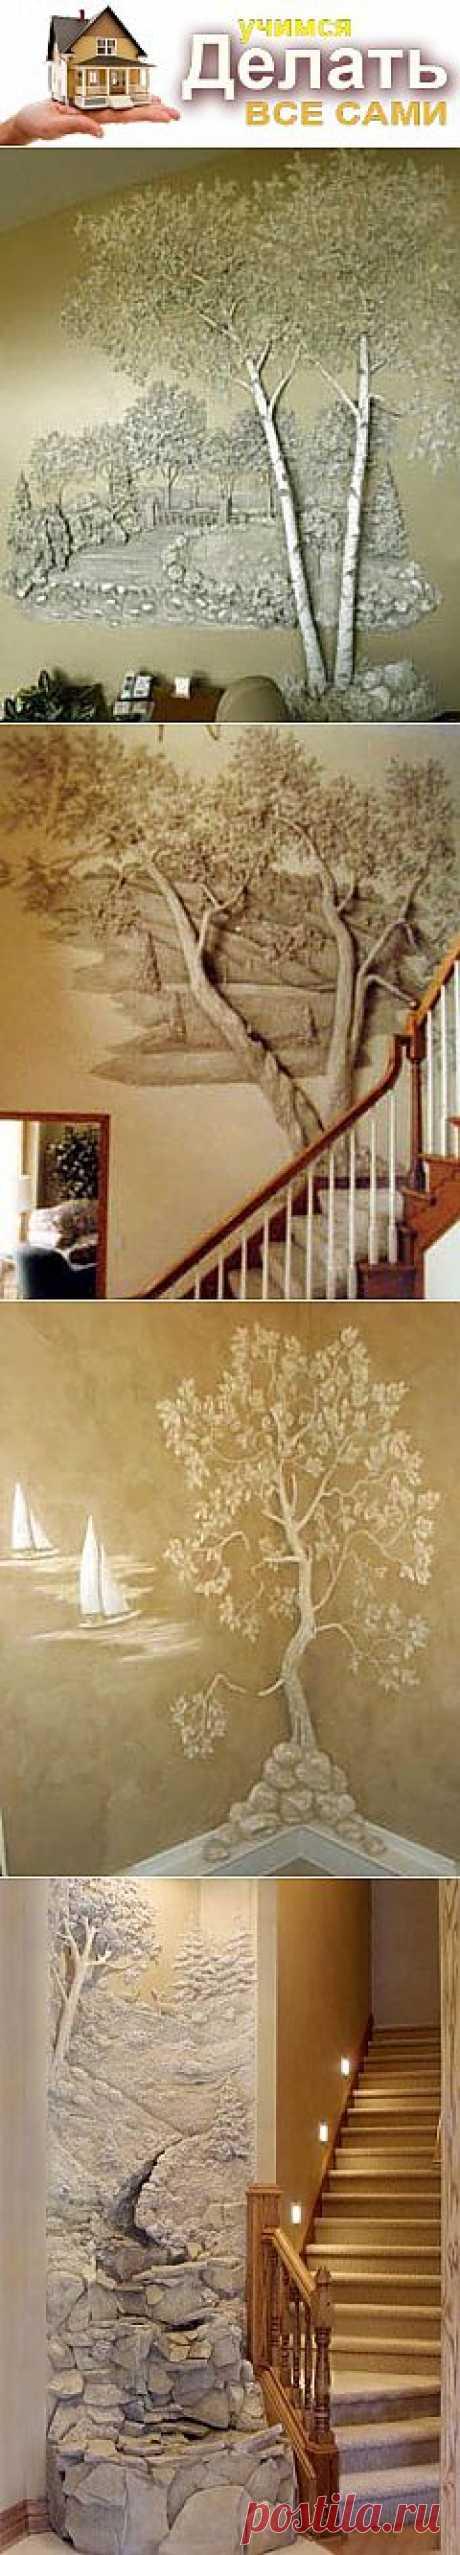 Необычная отделка стен: трехмерная роспись гипсом - Учимся Делать Все Сами